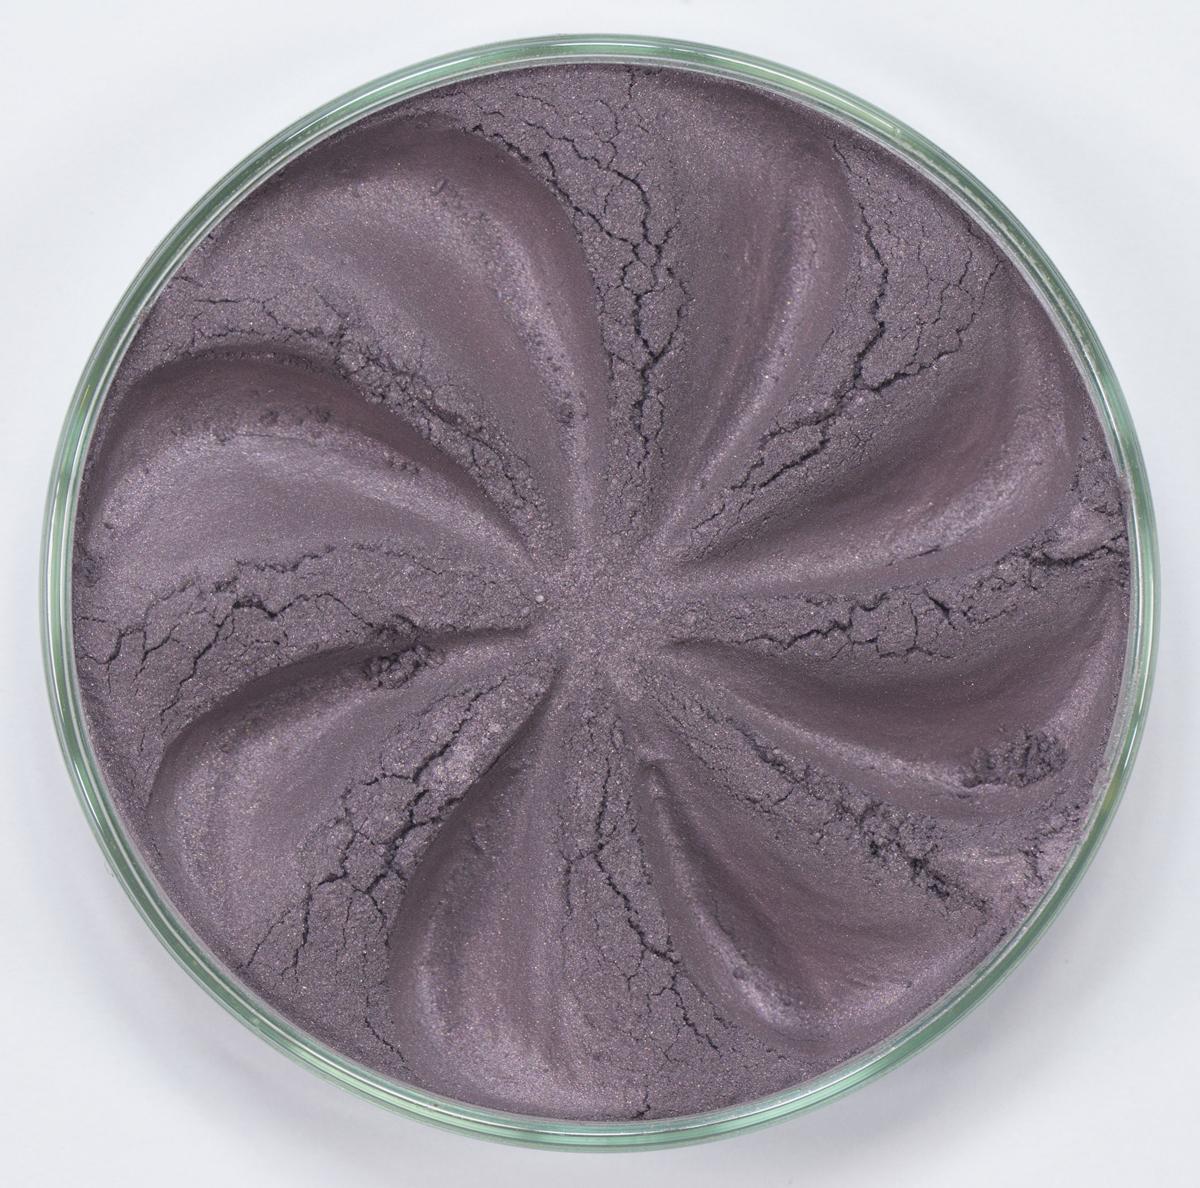 Era Minerals Минеральные Тени для век Pearl тон P07 (темная сирень), 4 млEYP07Тени для век обеспечивают комплексное покрытие, своим сиянием напоминающее как глубину, так и лучезарный блеск драгоценного камня. Текстура теней содержит в себе цвет-основу с содержанием крошечных мерцающих частиц, превосходно сочетающихся с основным цветом. Сильные и яркие минеральные пигменты Можно наносить как влажным, так и сухим способом Без отдушек и содержания масел, для всех типов кожи Дерматологически протестировано, не аллергенно Не тестировано на животных Вес нетто 1г (стандартный размер)